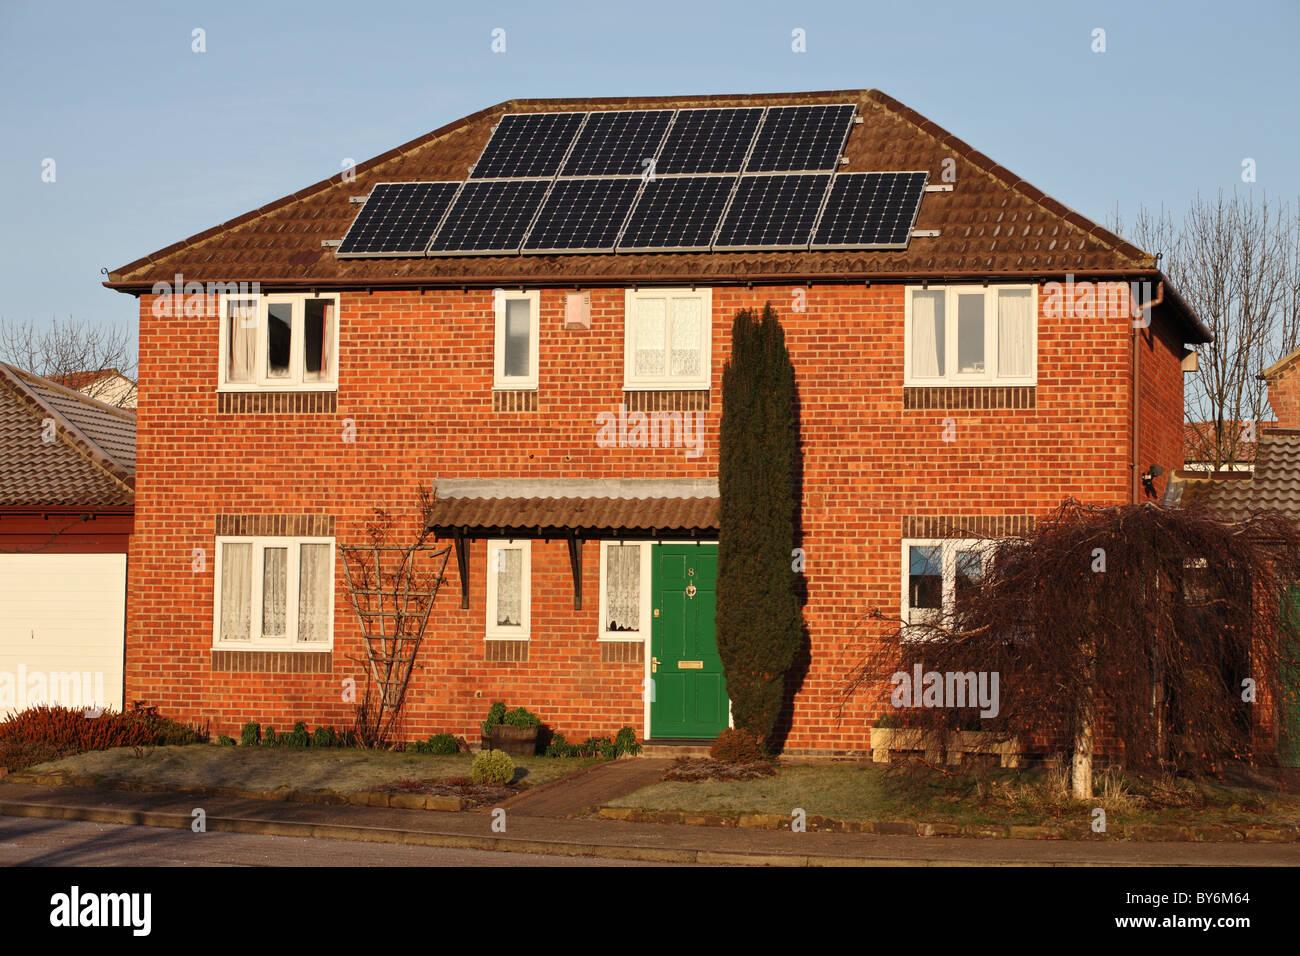 Una instalación de paneles solares fotovoltaicos en una asamblea nacional en Washington, al Noreste de Inglaterra, Imagen De Stock